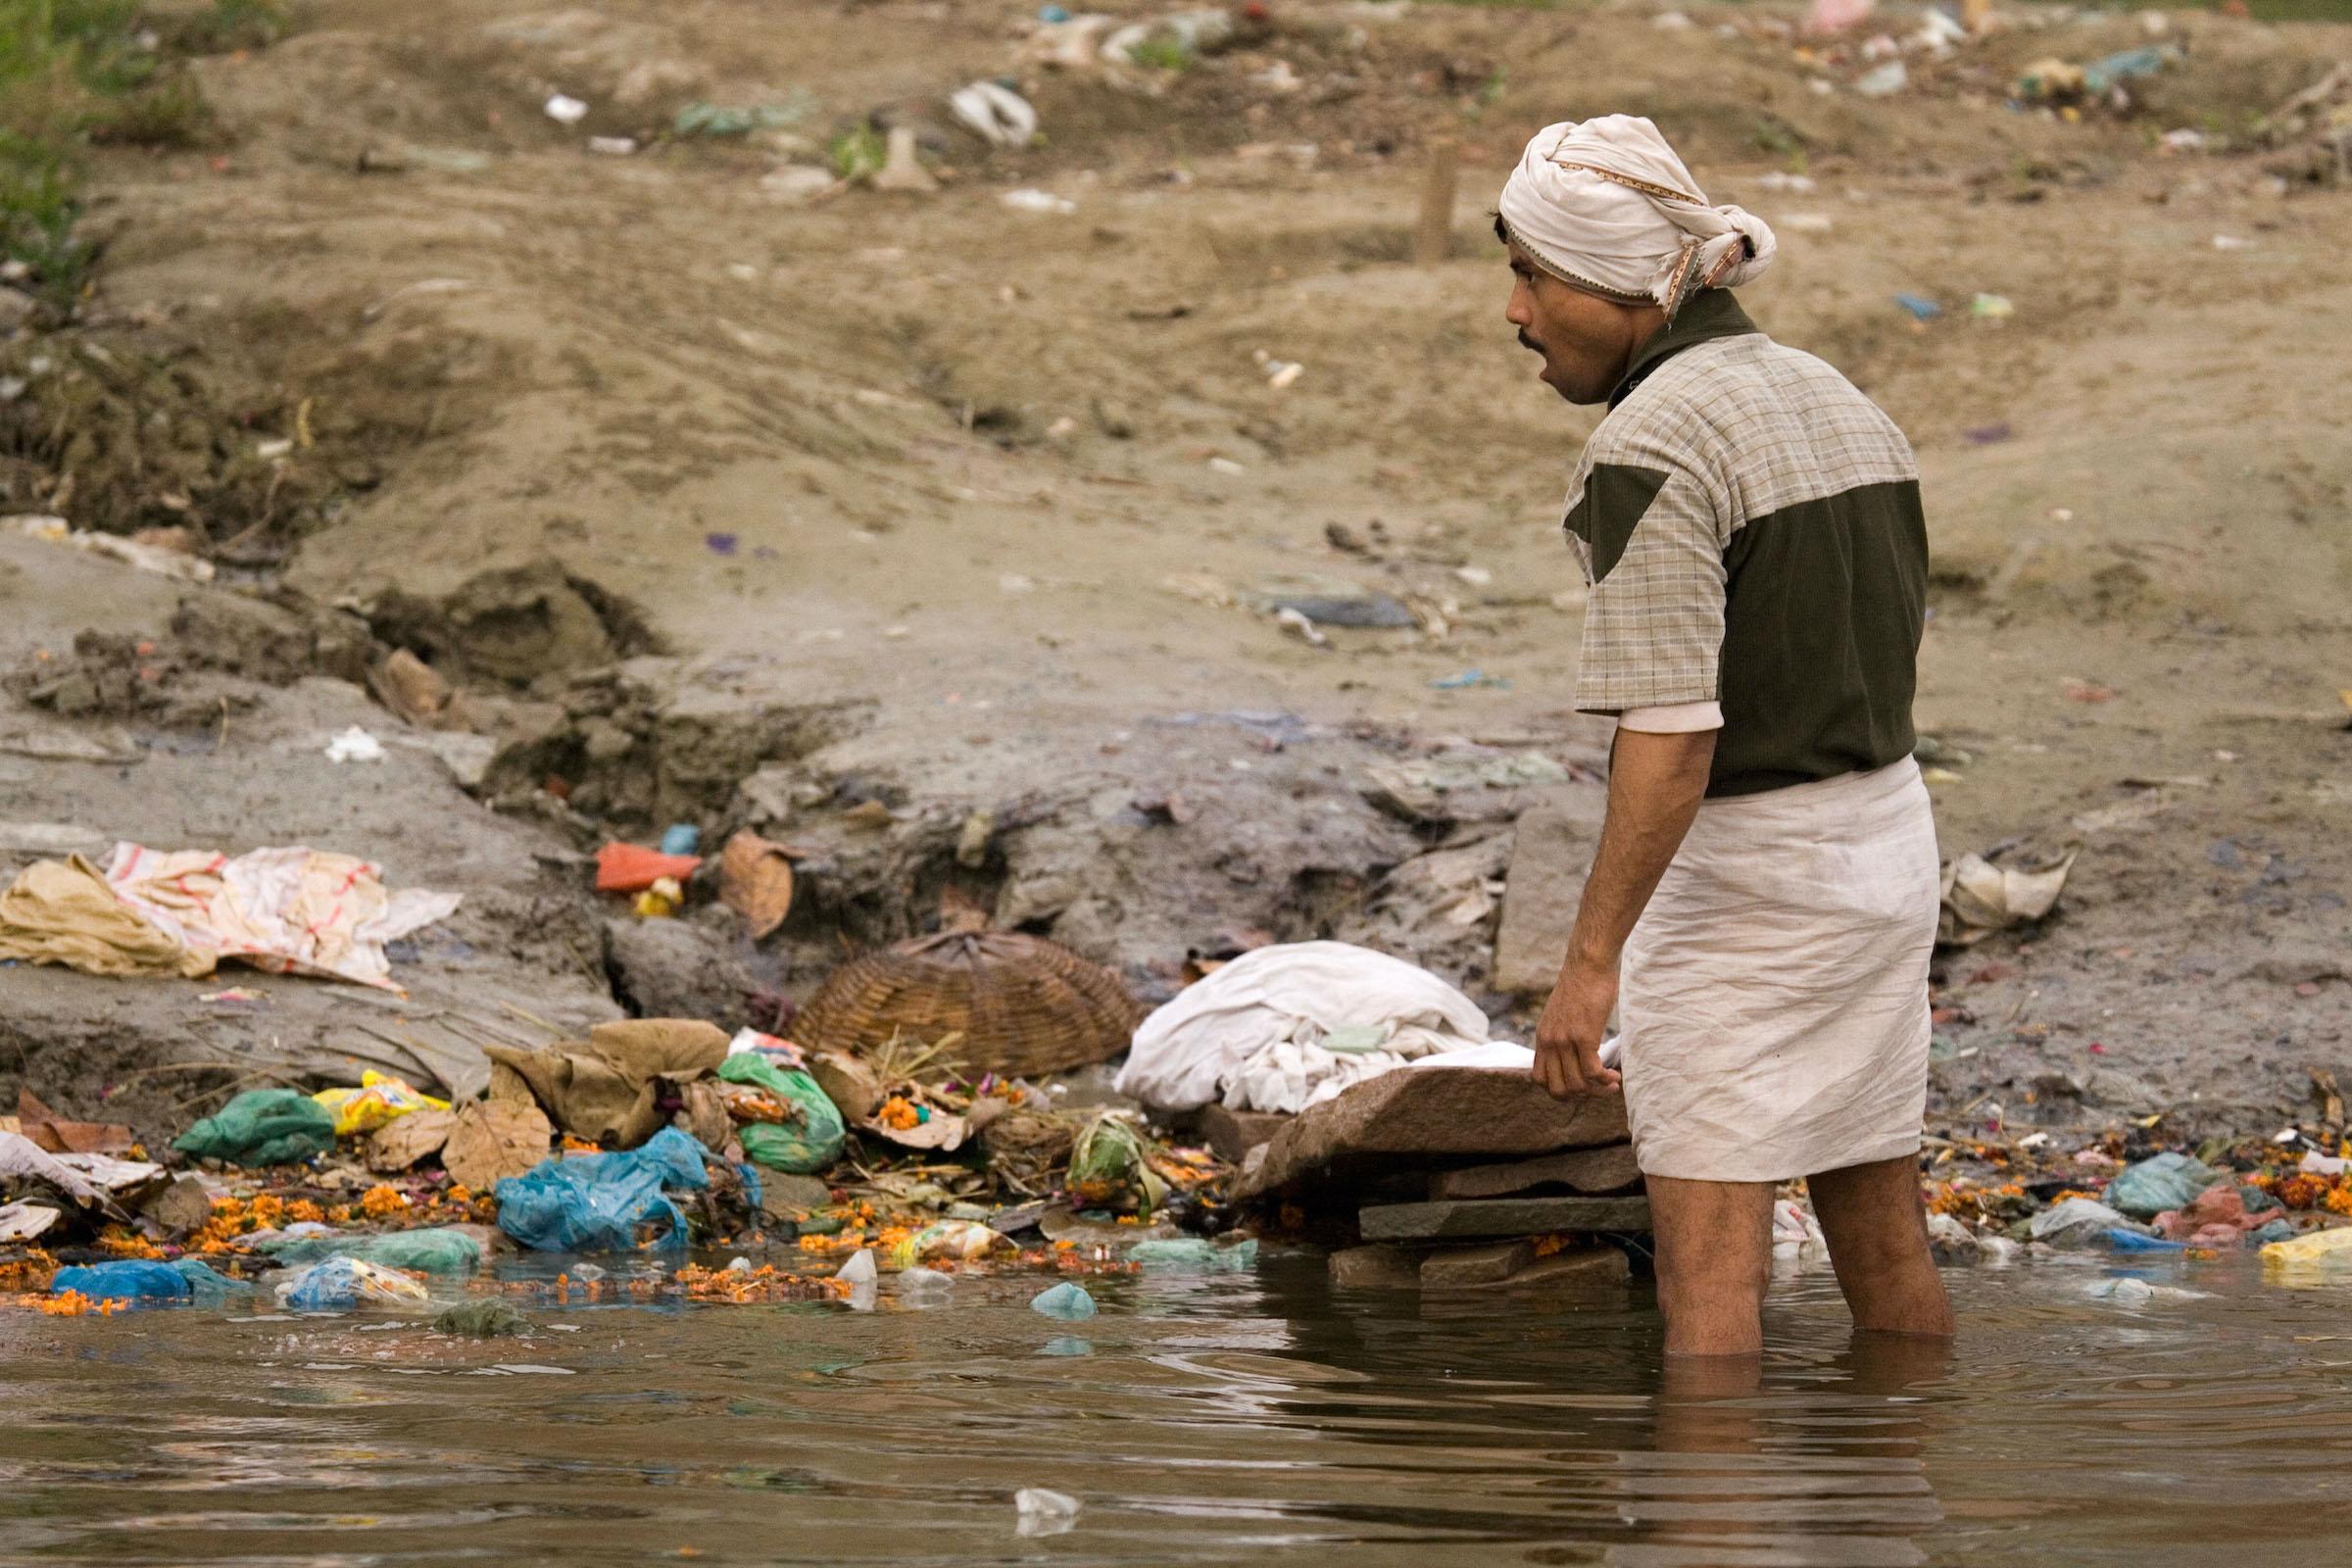 印度恒河治理計劃有待商榷 - 中外對話